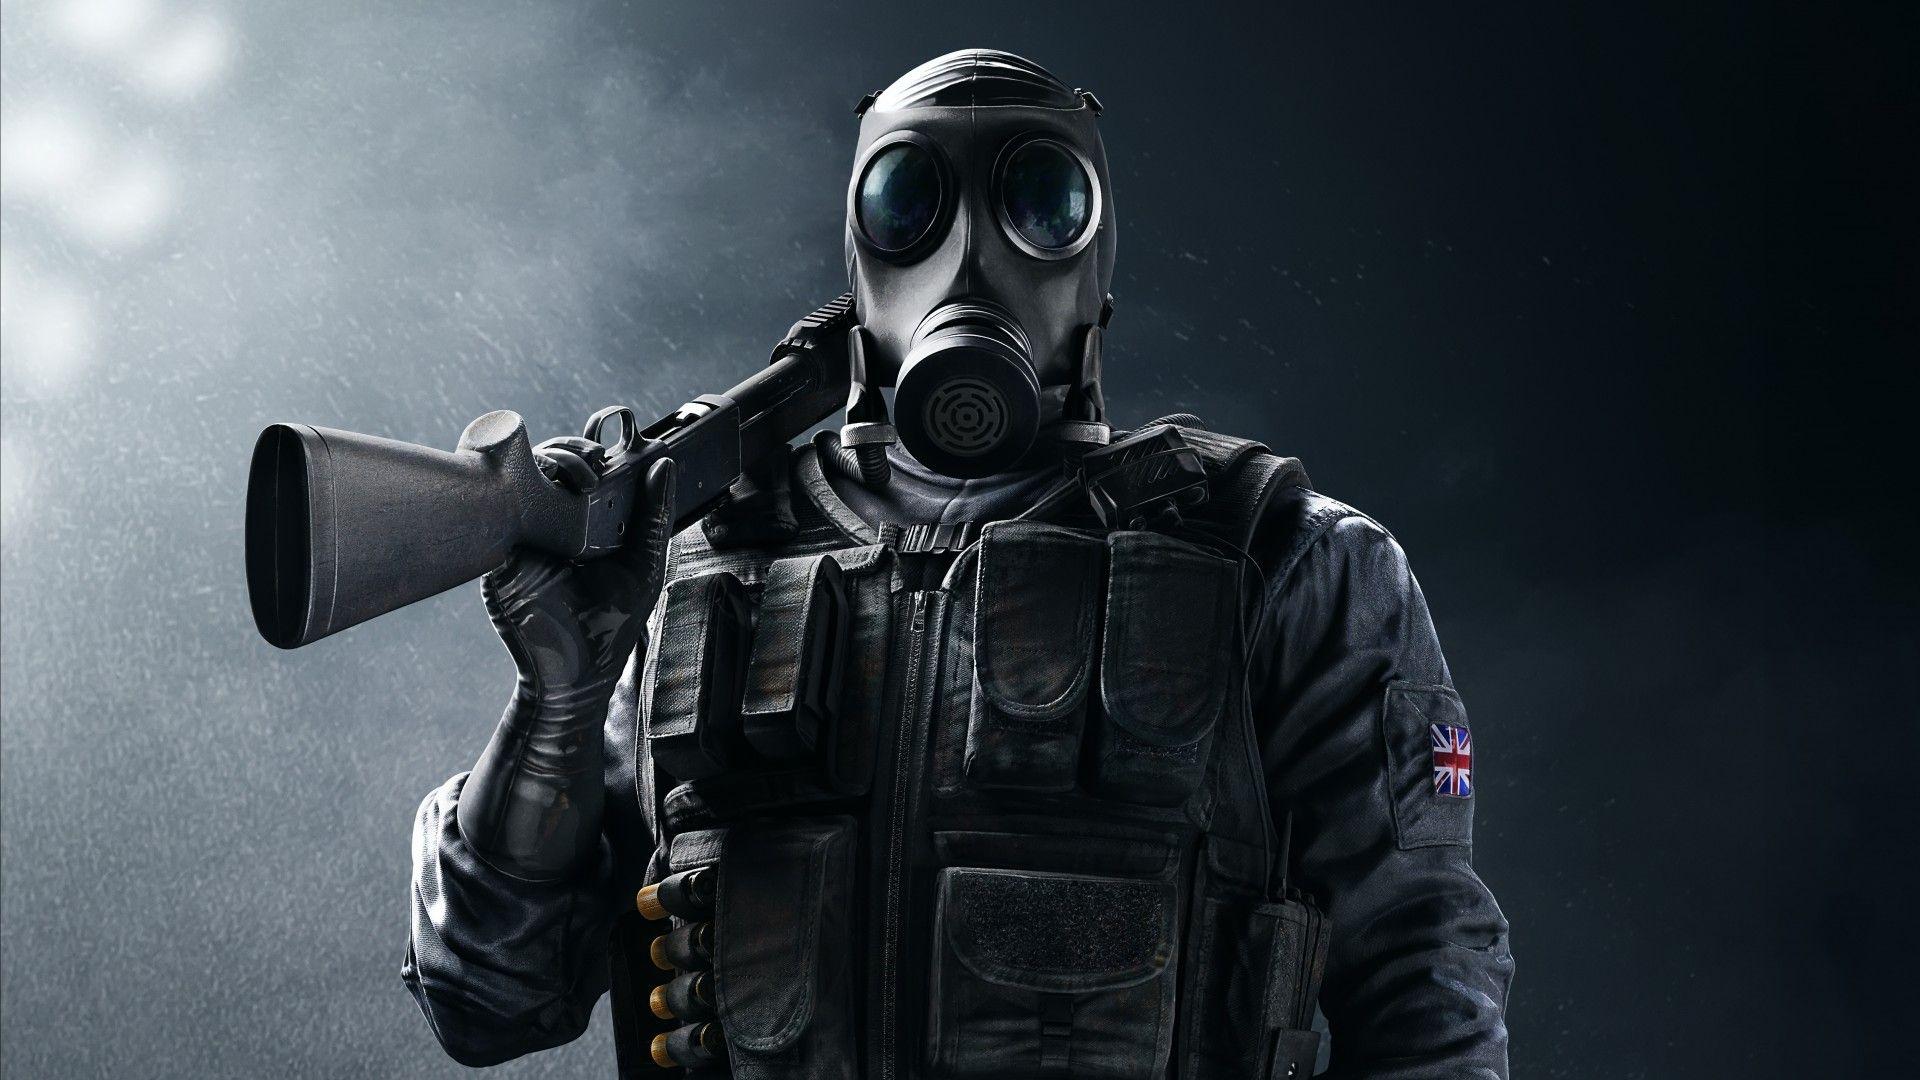 Tom Clancy's, Rainbow Six Siege, SAS Smoke, 4K Desenhos